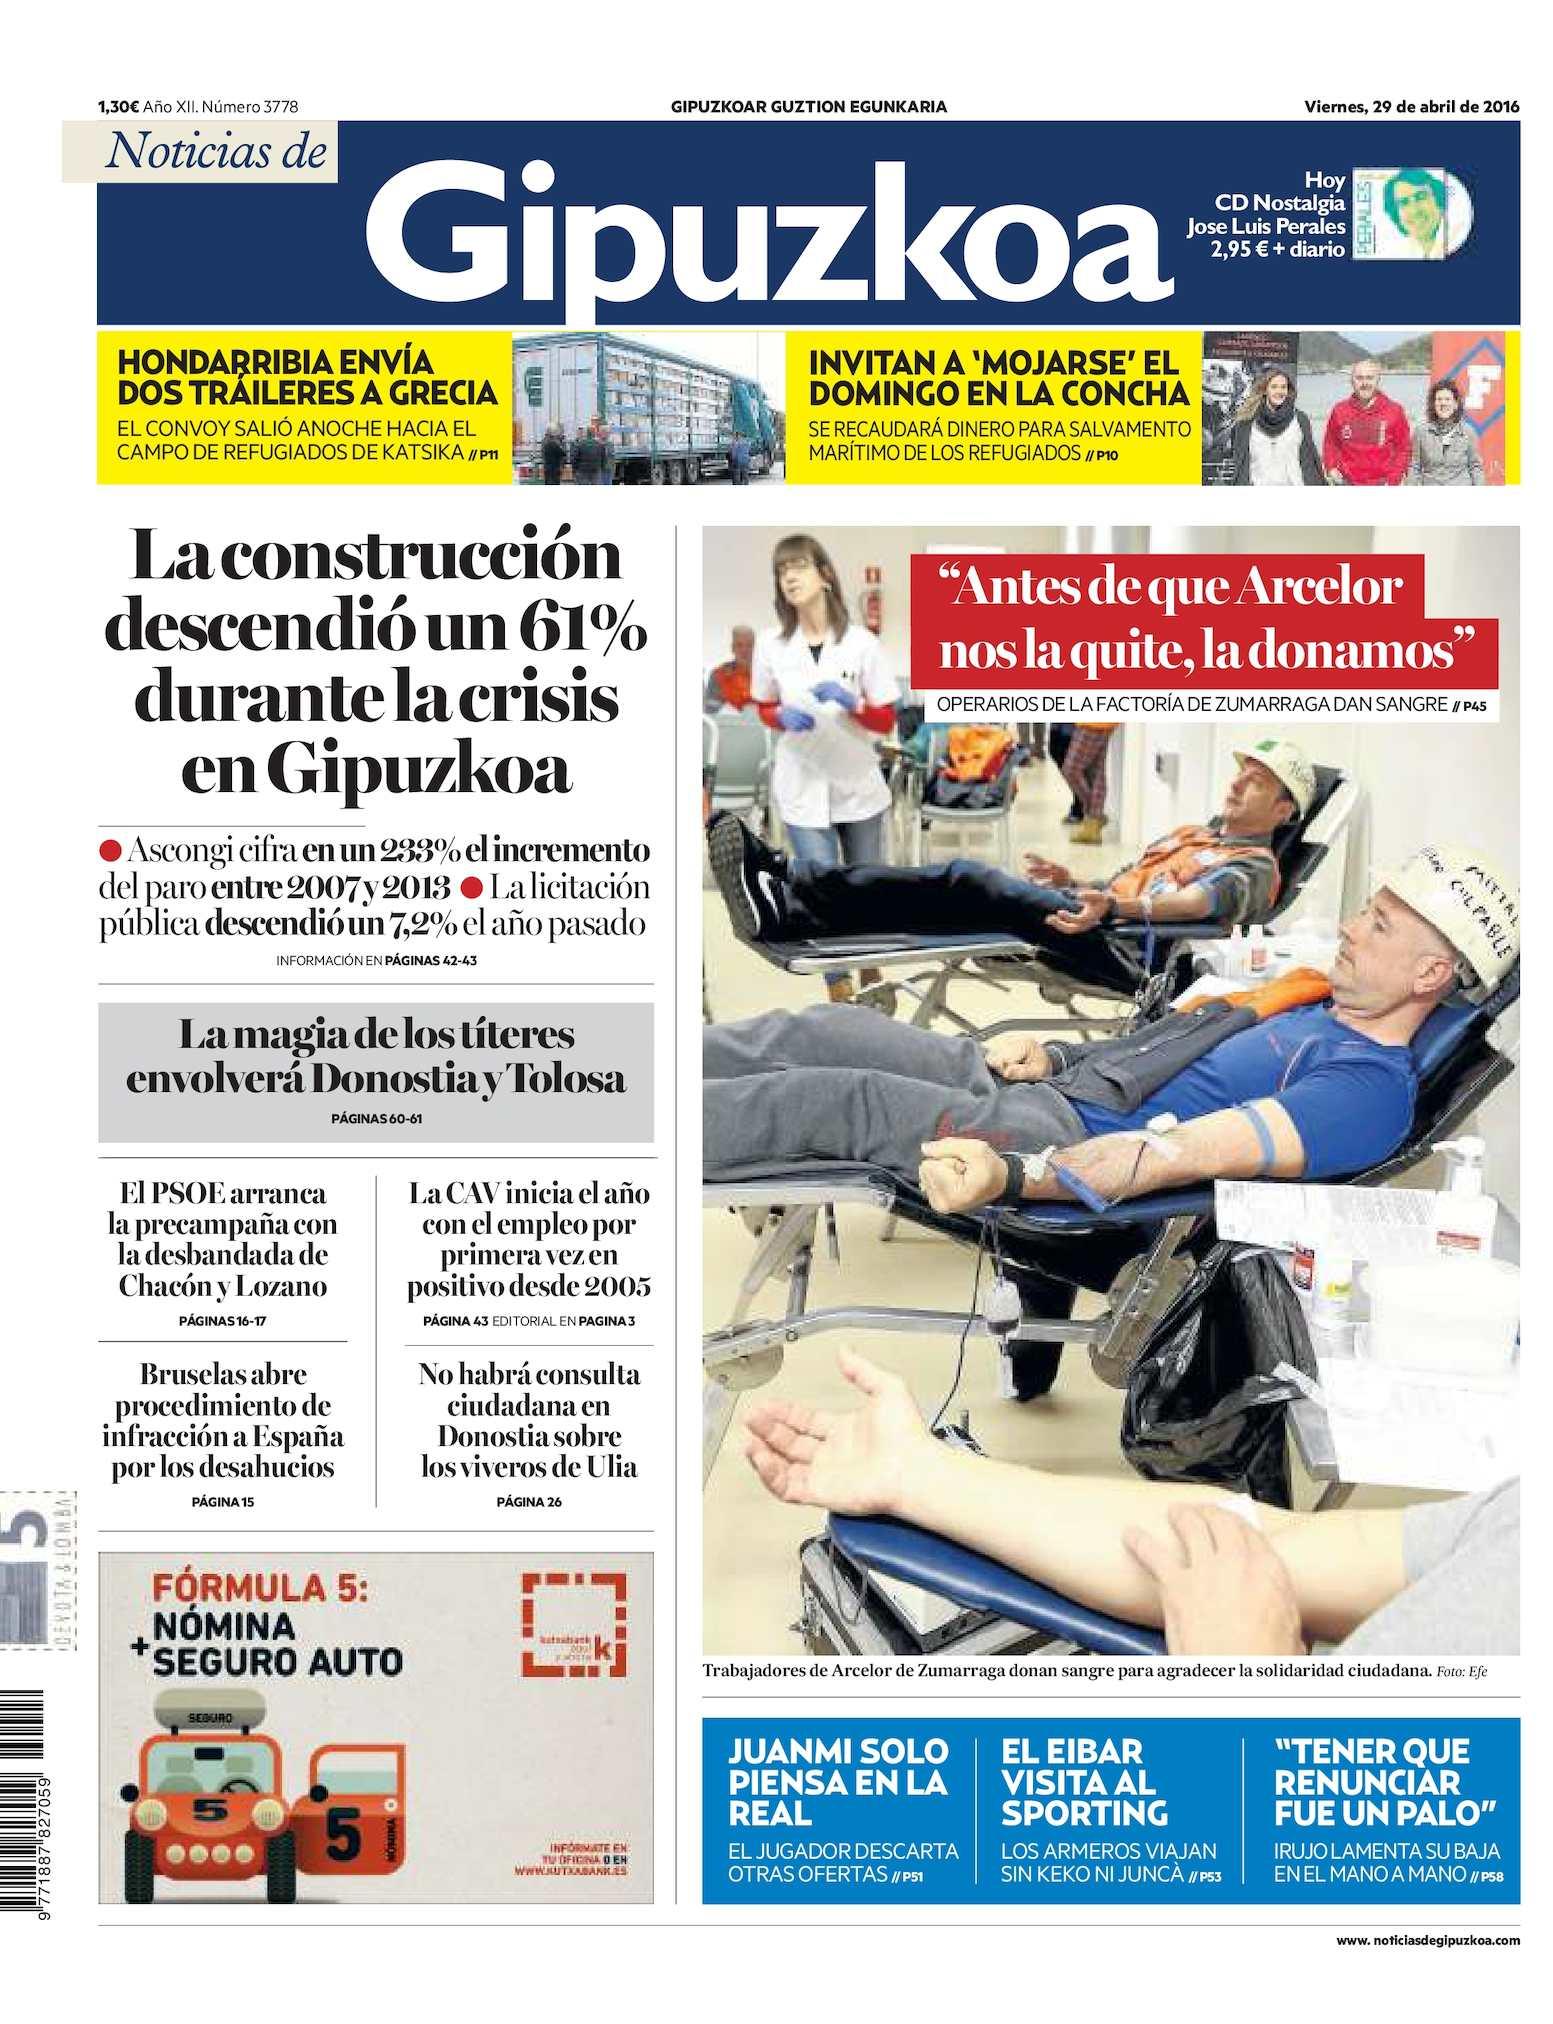 Calaméo Gipuzkoa Calaméo 20160429 Gipuzkoa Noticias De Noticias De ARjL45